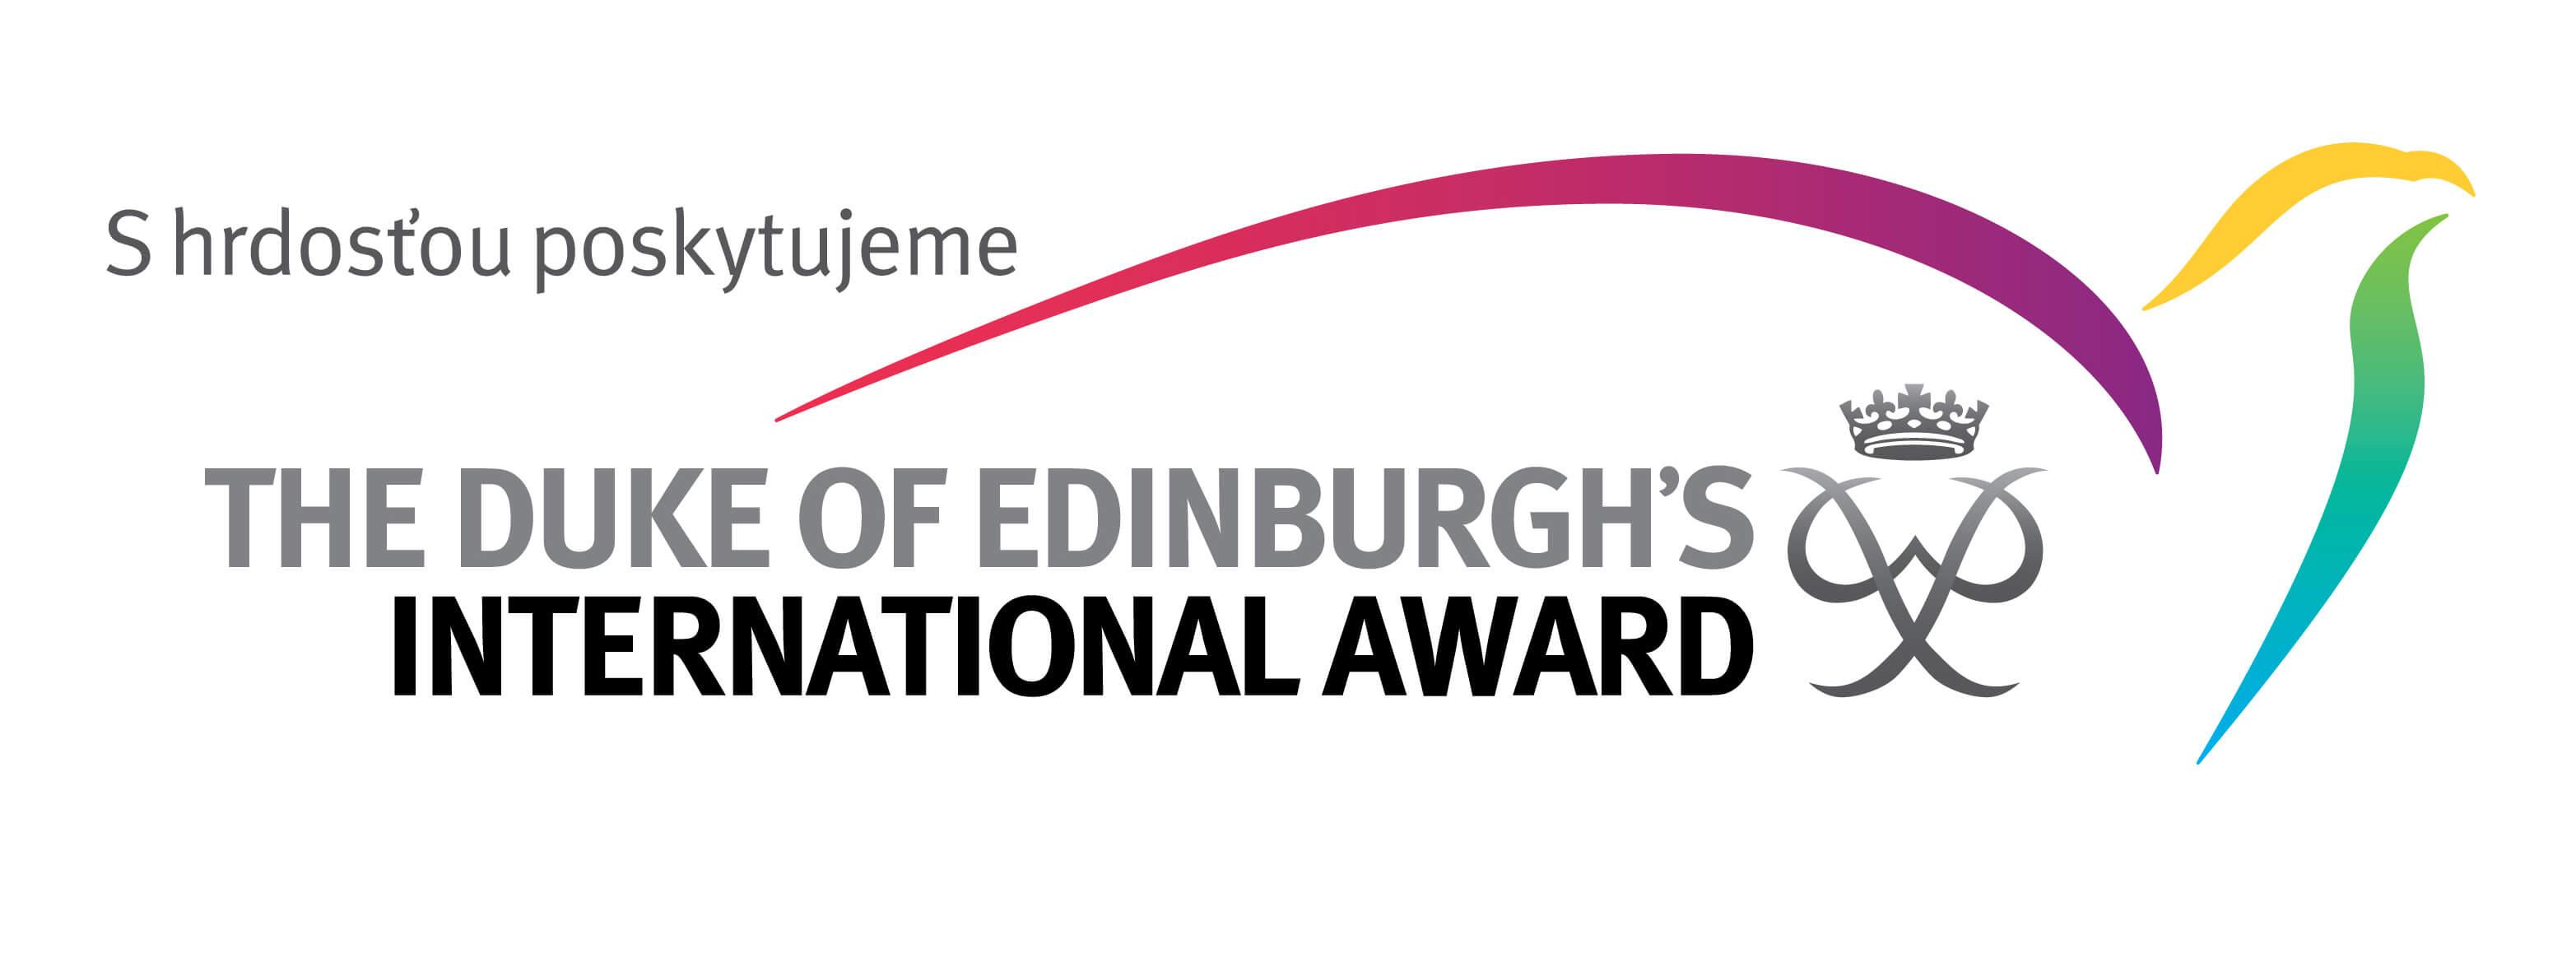 Medzinárodná cena vojvodu z Edinburghu